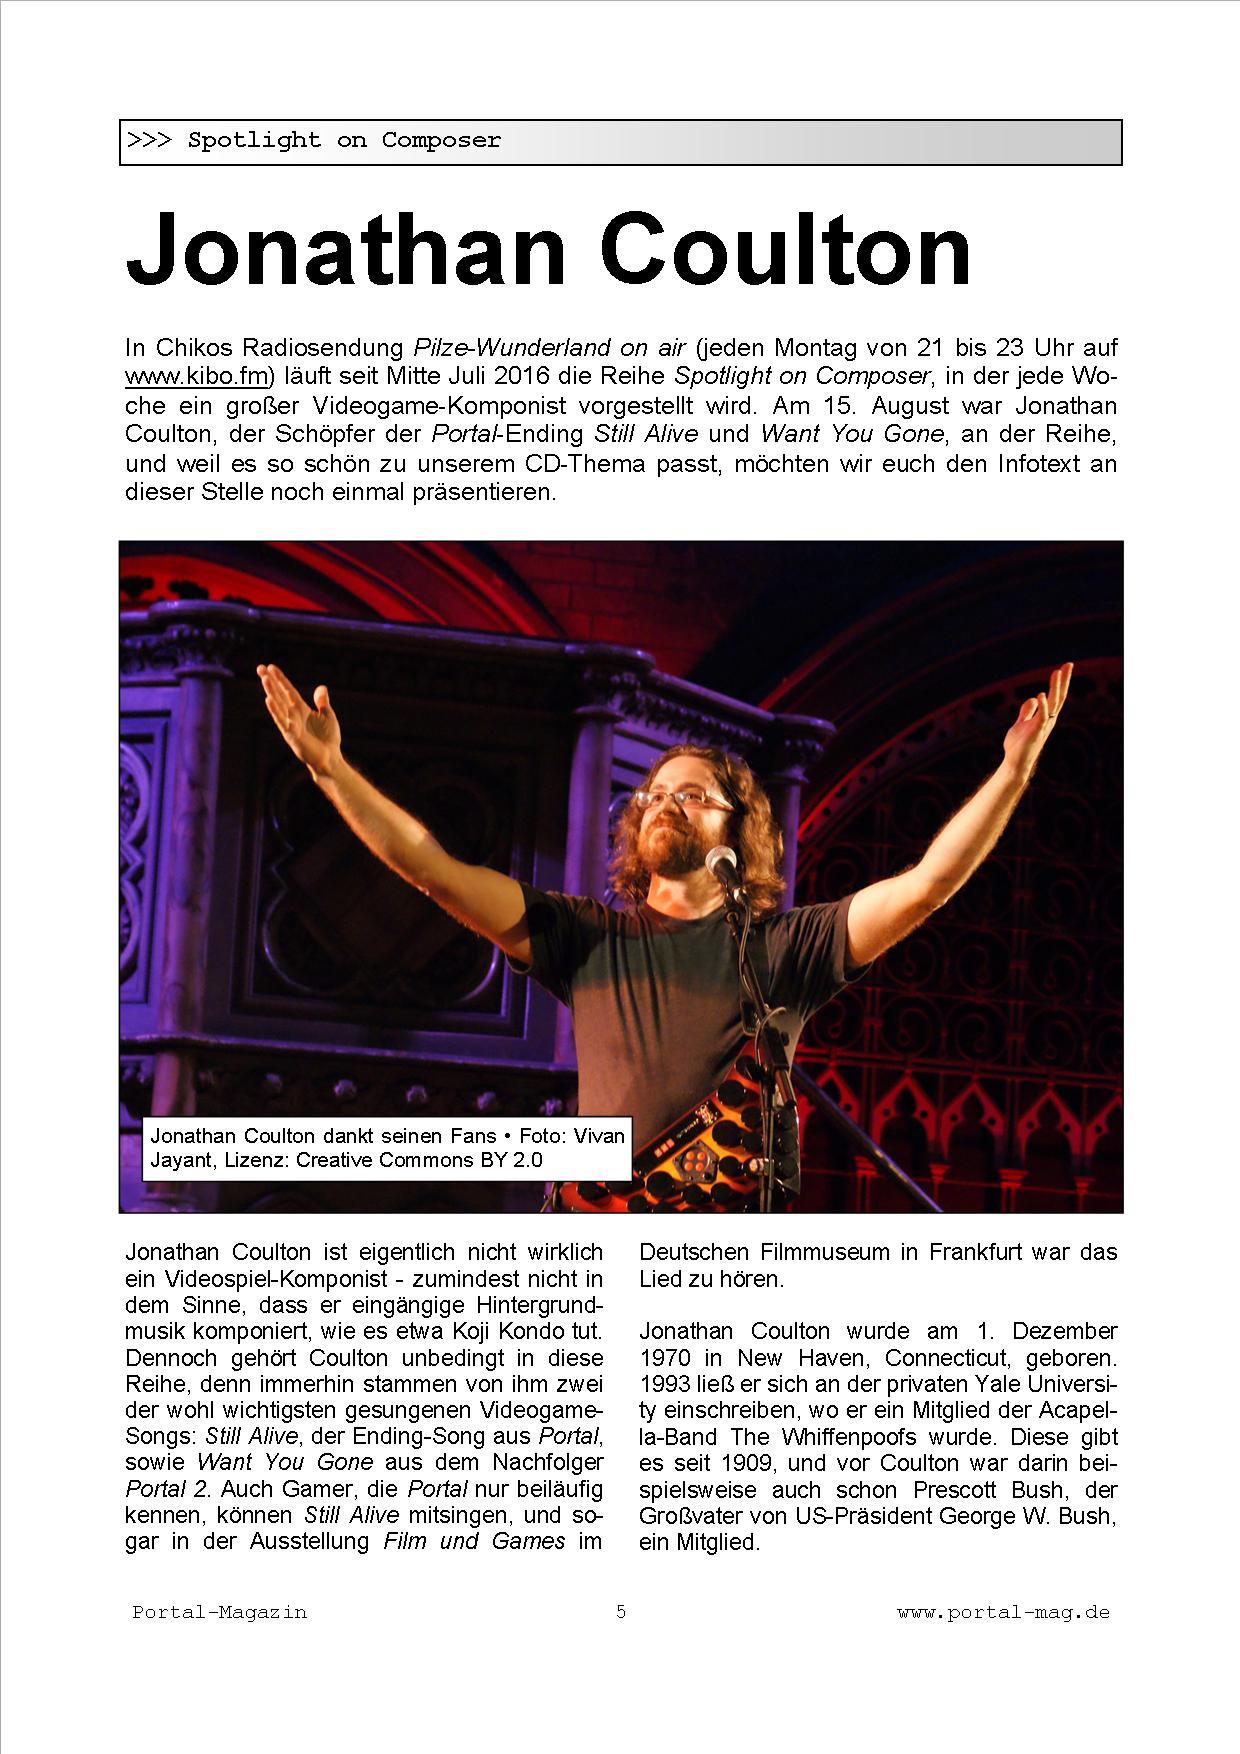 Ausgabe 36, Seite 5